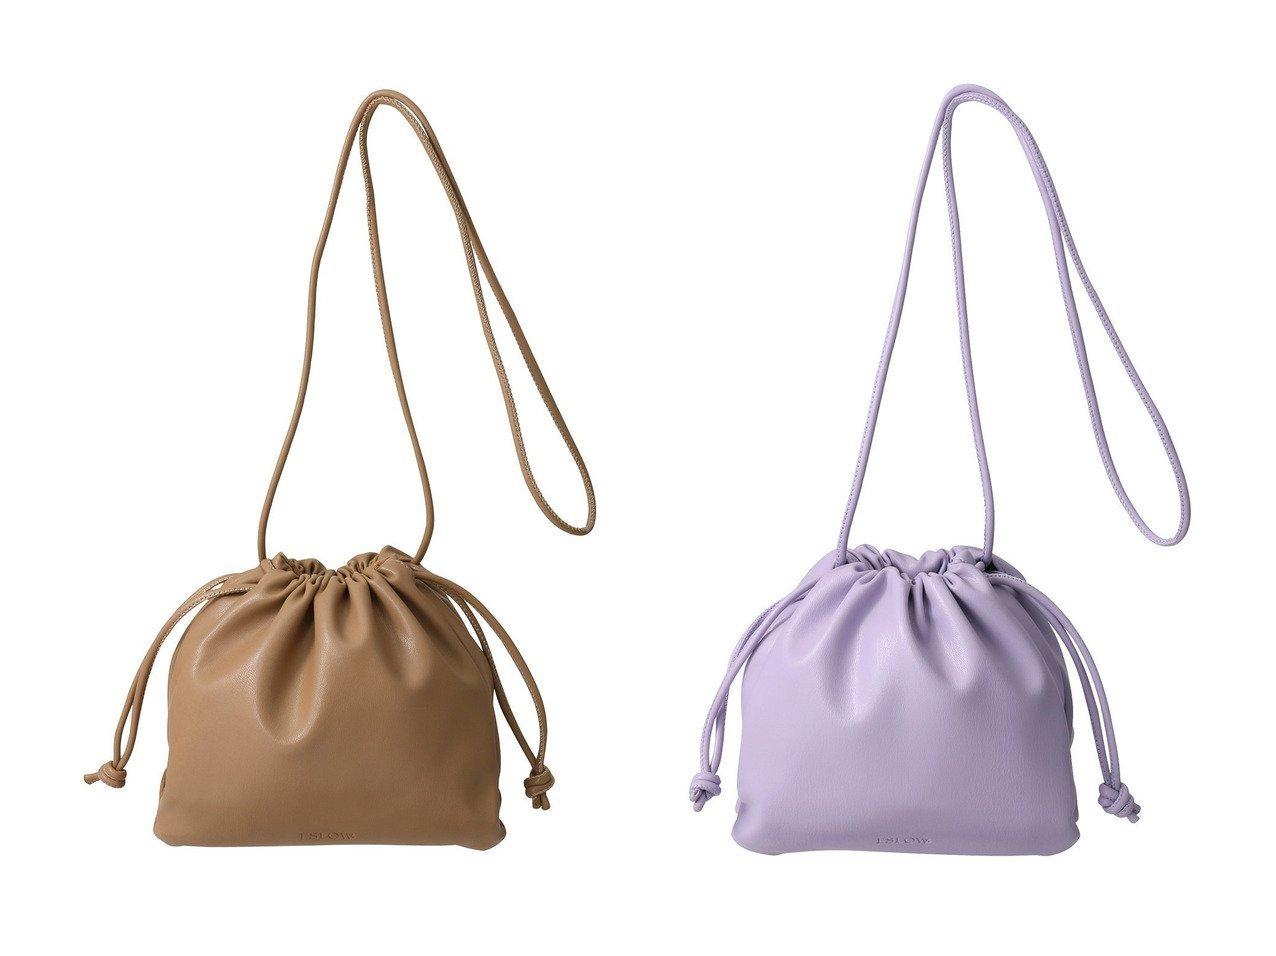 【ESLOW/エスロー】のドローストリングバッグ 【バッグ・鞄】おすすめ!人気、トレンド・レディースファッションの通販   おすすめで人気の流行・トレンド、ファッションの通販商品 インテリア・家具・メンズファッション・キッズファッション・レディースファッション・服の通販 founy(ファニー) https://founy.com/ ファッション Fashion レディースファッション WOMEN バッグ Bag 2020年 2020 2020-2021秋冬・A/W AW・Autumn/Winter・FW・Fall-Winter/2020-2021 2021年 2021 2021-2022秋冬・A/W AW・Autumn/Winter・FW・Fall-Winter・2021-2022 A/W・秋冬 AW・Autumn/Winter・FW・Fall-Winter カラフル コンパクト ショルダー フェイクレザー |ID:crp329100000064842